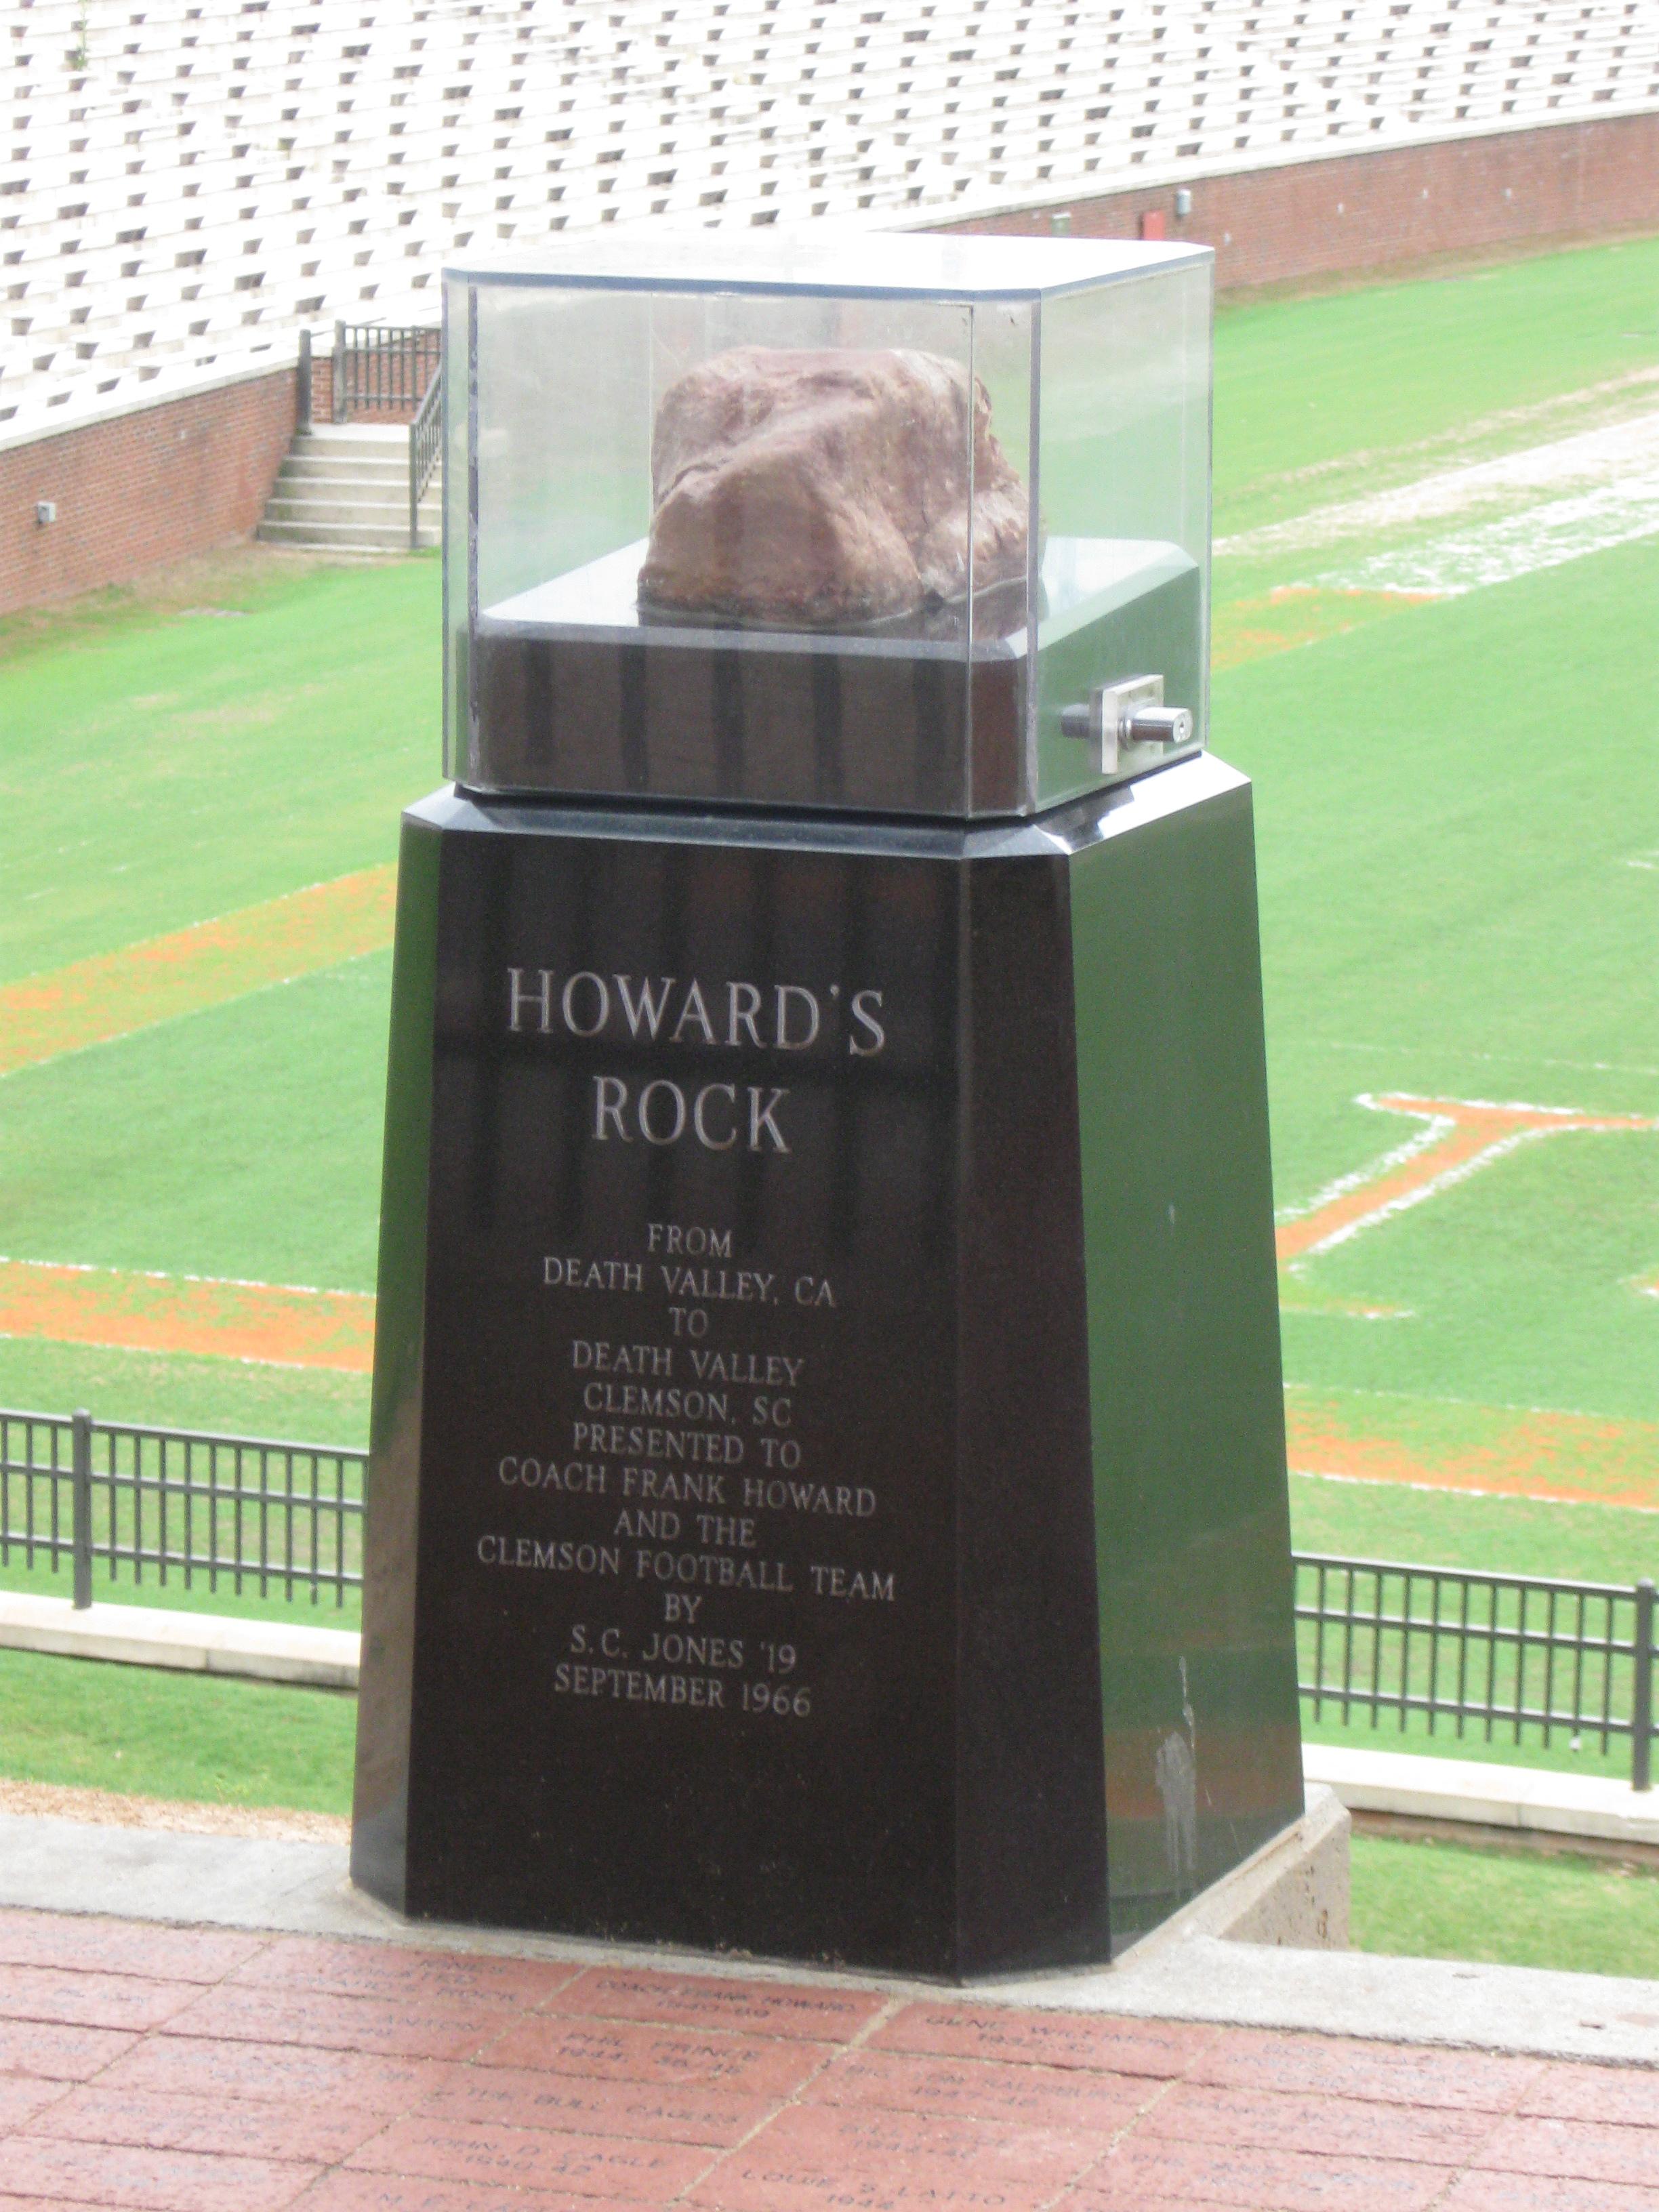 Howard S Rock Wikipedia Rock howard is a character from garou: howard s rock wikipedia